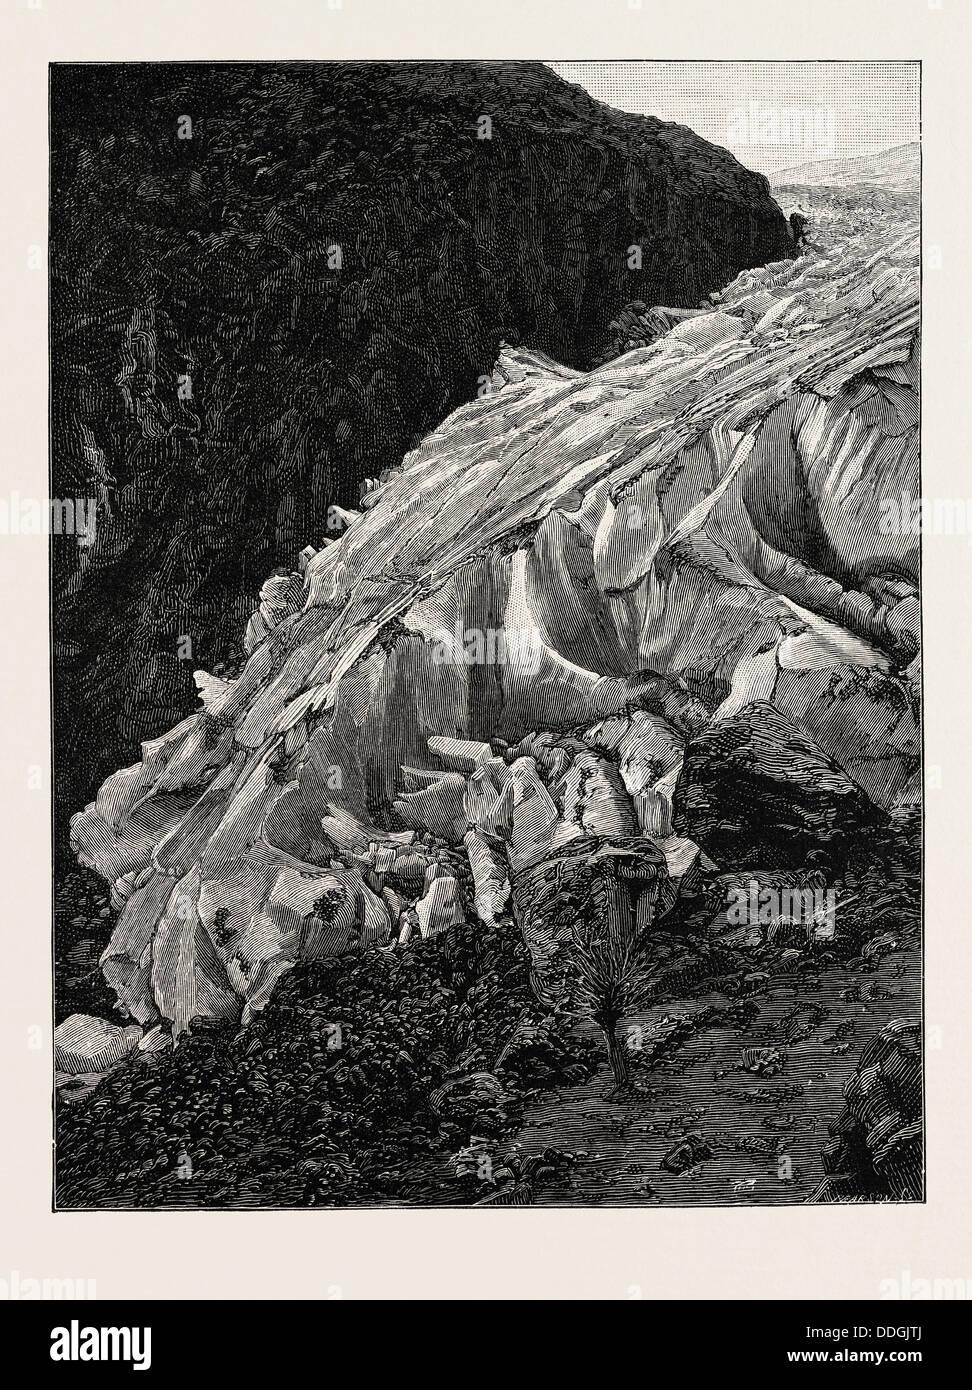 THE BUARBAE GLACIER - Stock Image